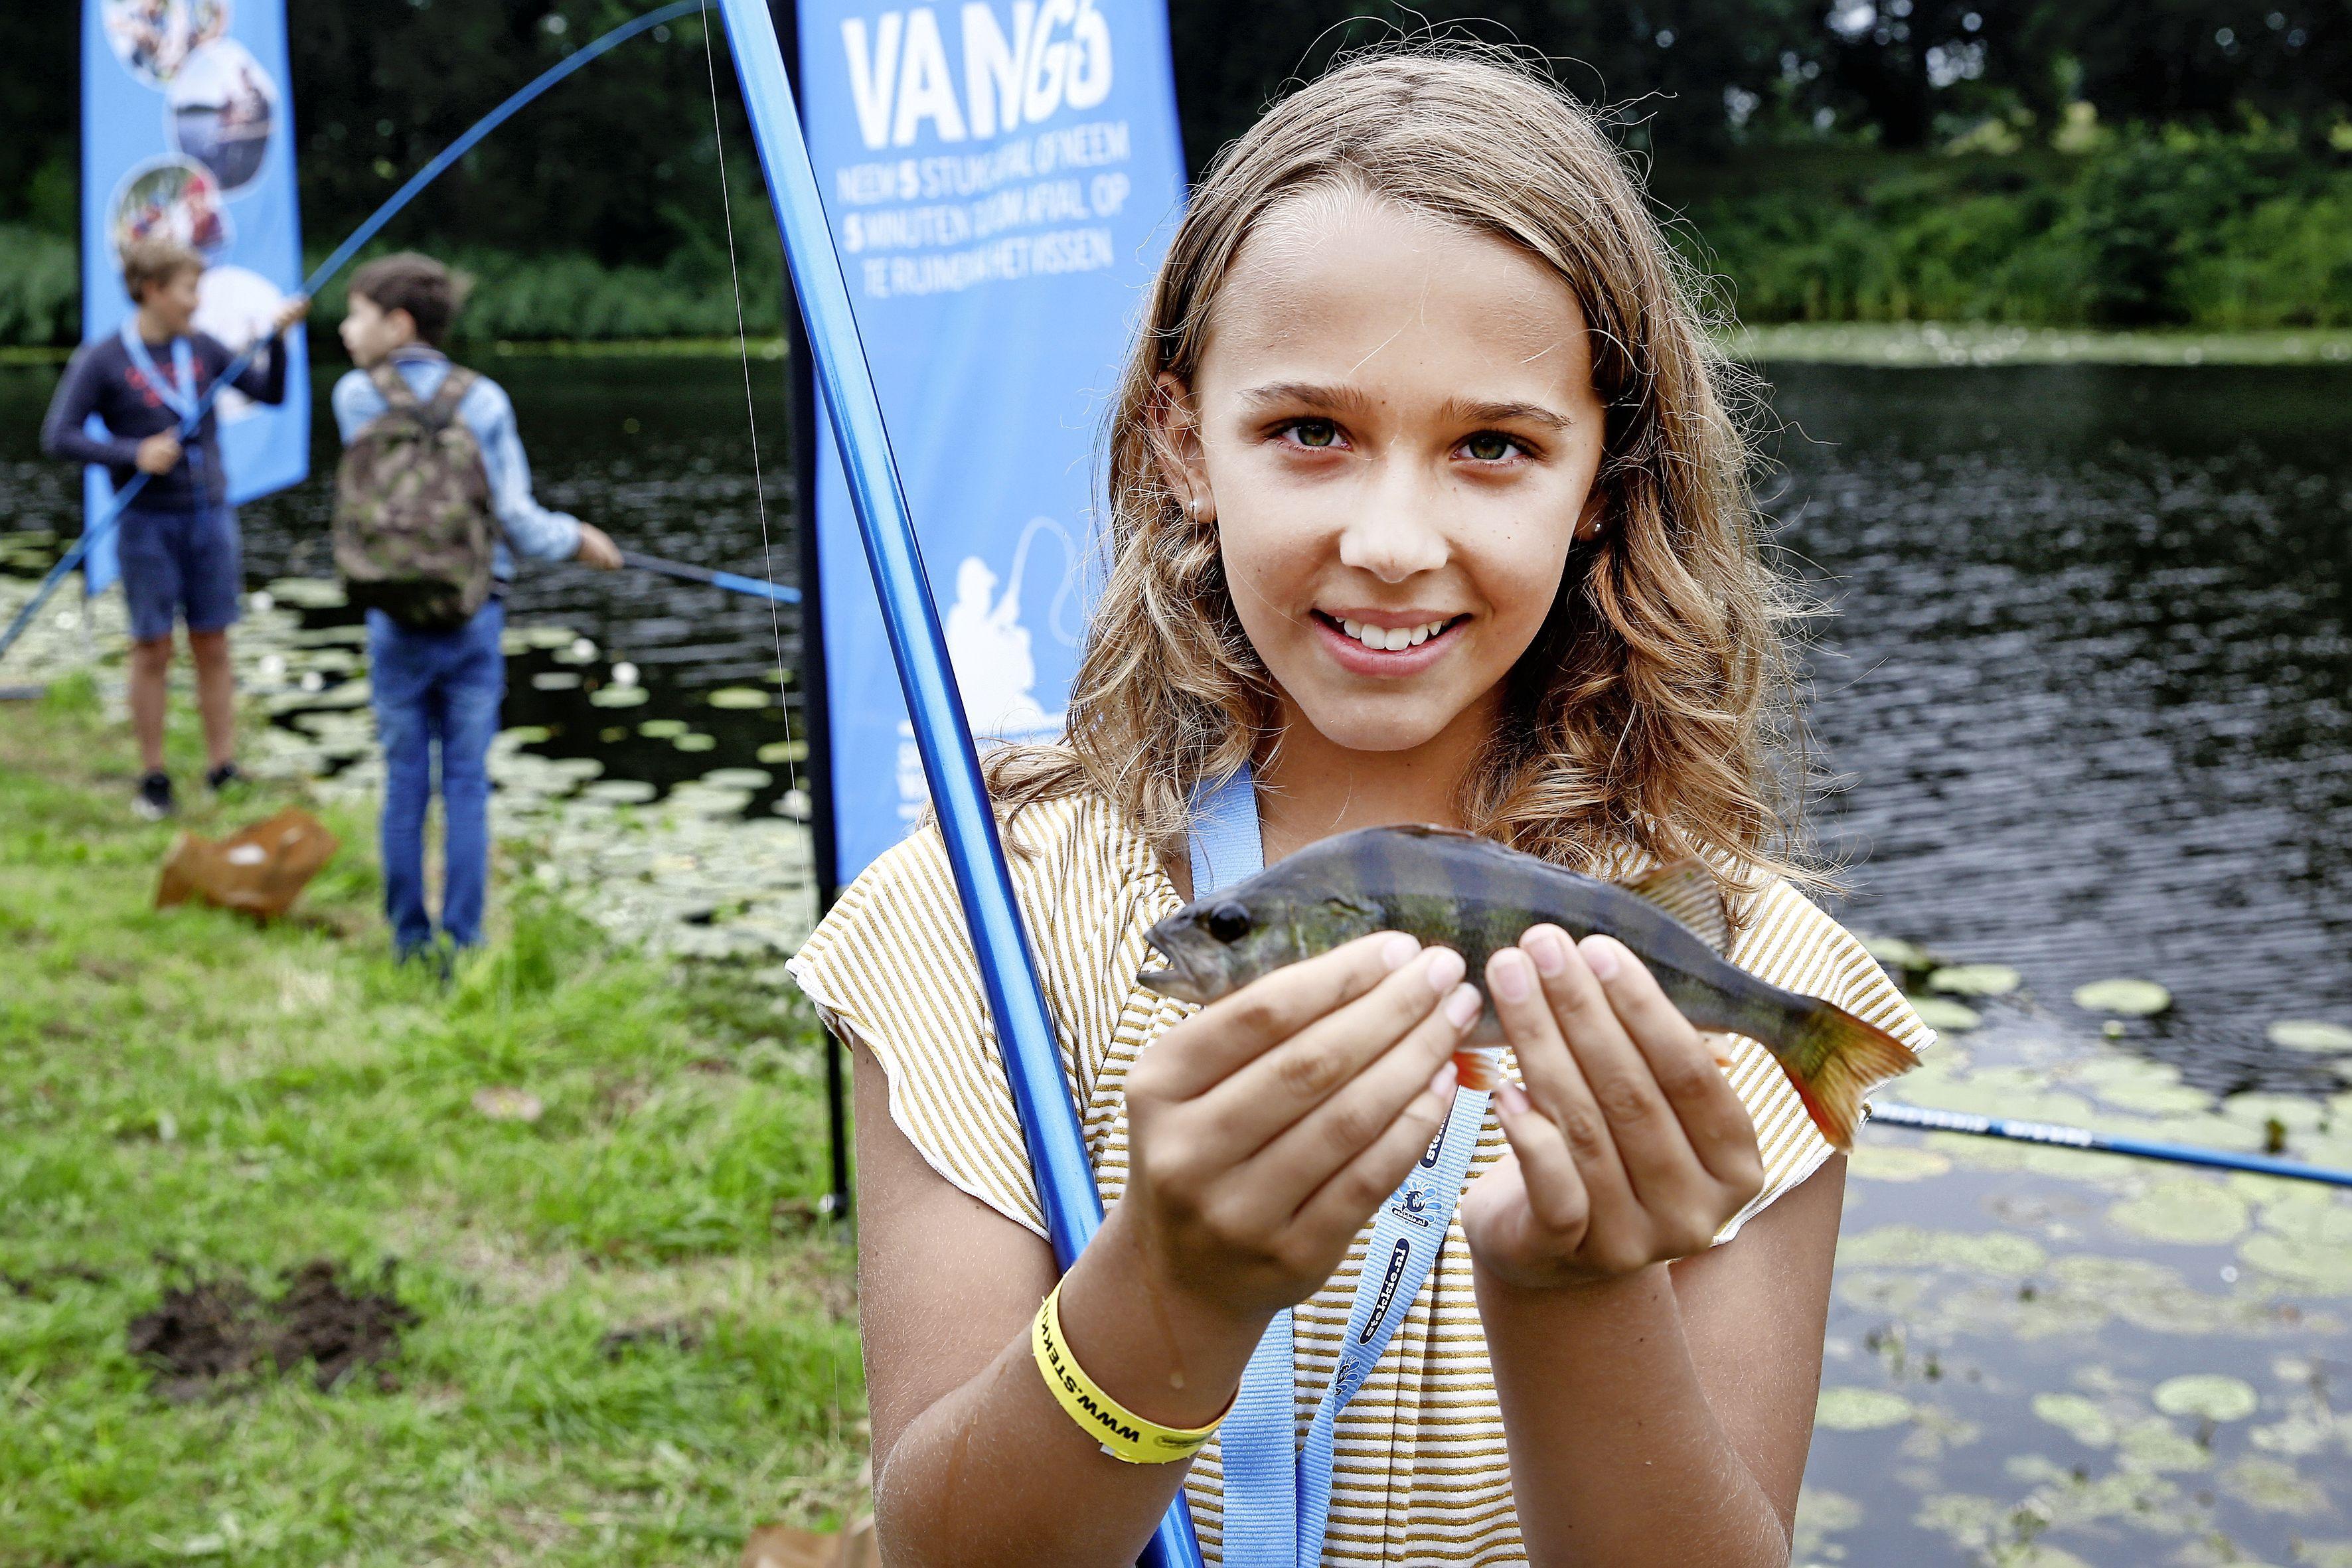 Naardense jeugd leert vissen. 'Je zit heel lang te wachten en te hopen dat er iets aan komt en dan ineens heb je er een!'